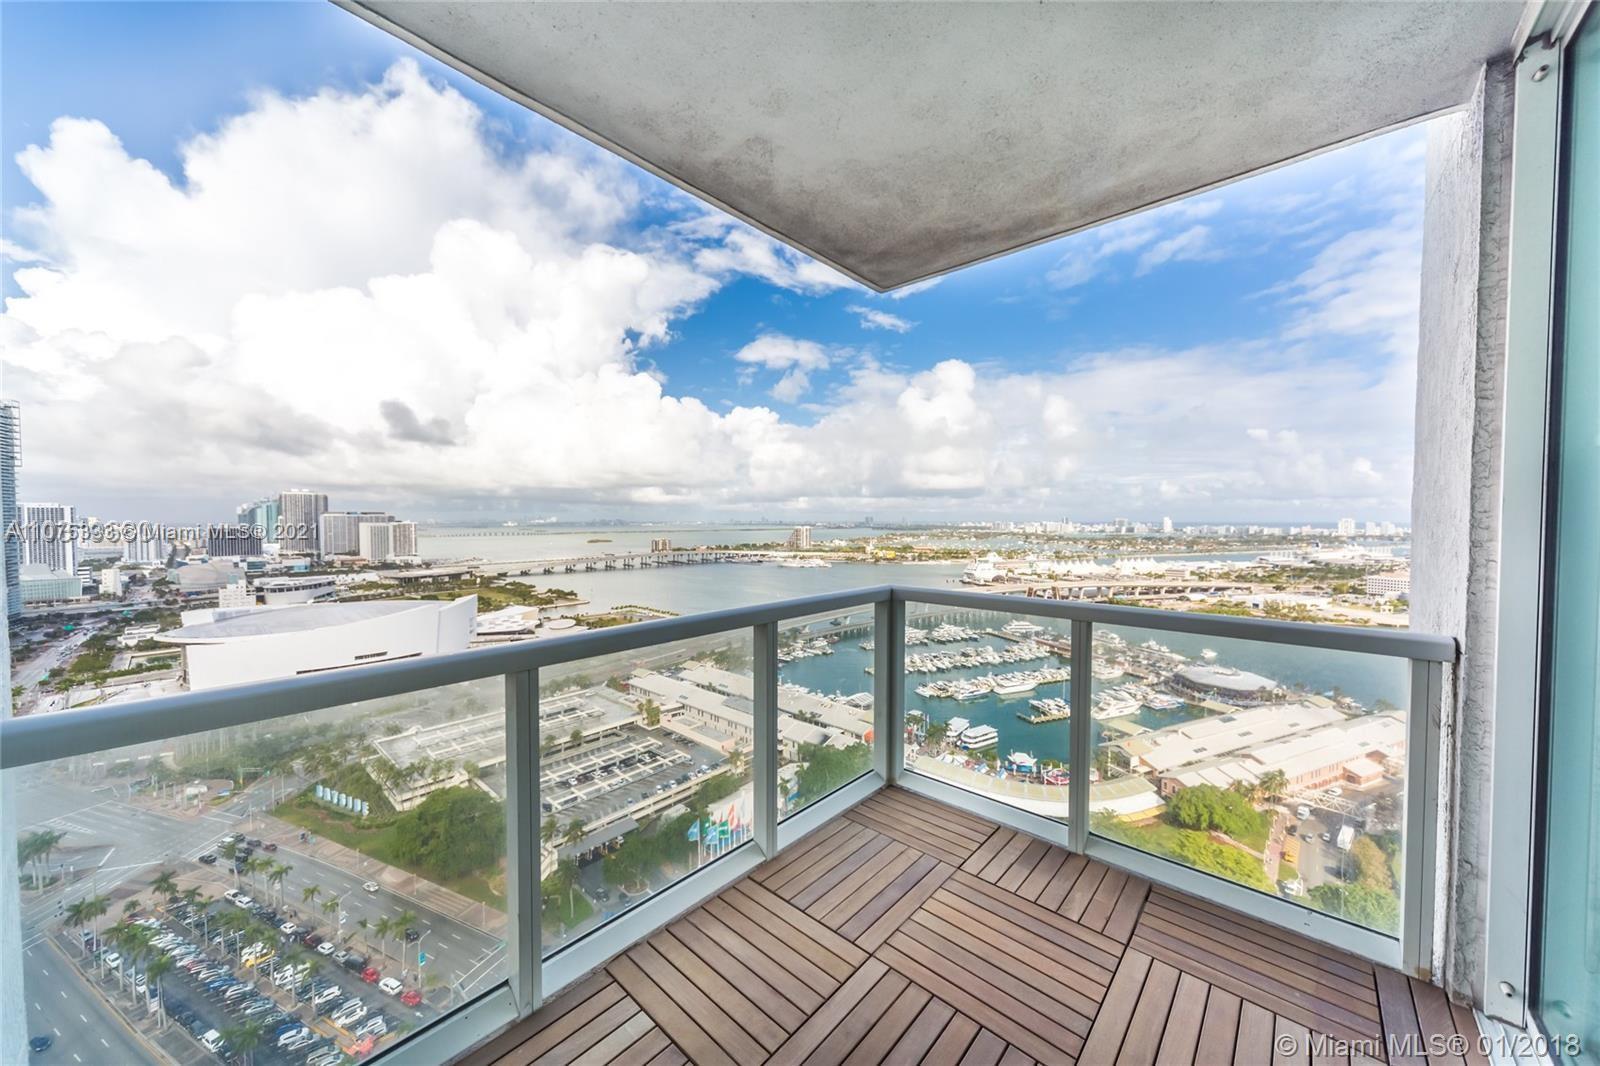 244 Biscayne Blvd 3302, Miami, FL 33132